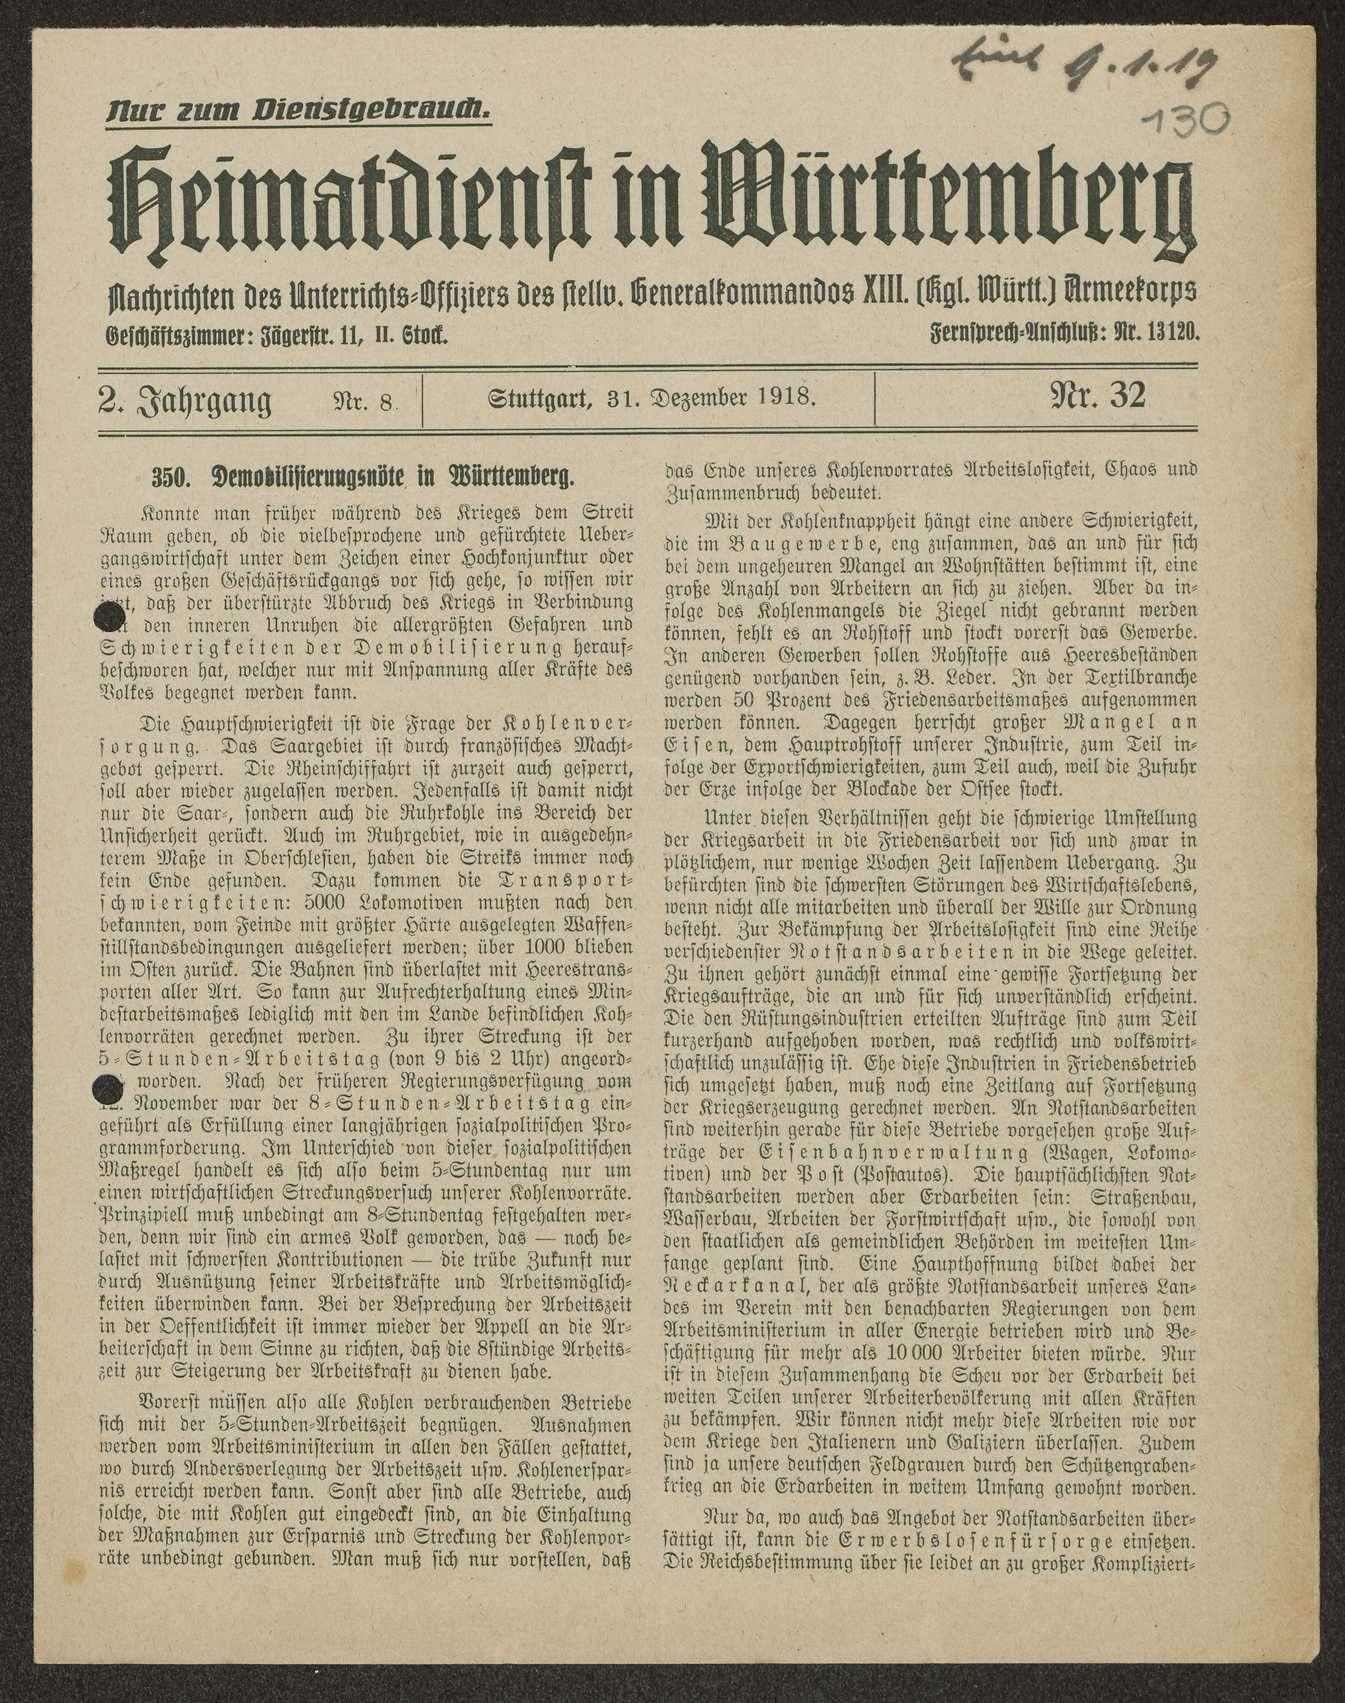 Heimatdienst in Württemberg, Nachrichten des Unterrichtsoffiziers des stellvertretenden Generalkommandos XIII. Armeekorps, Bild 1